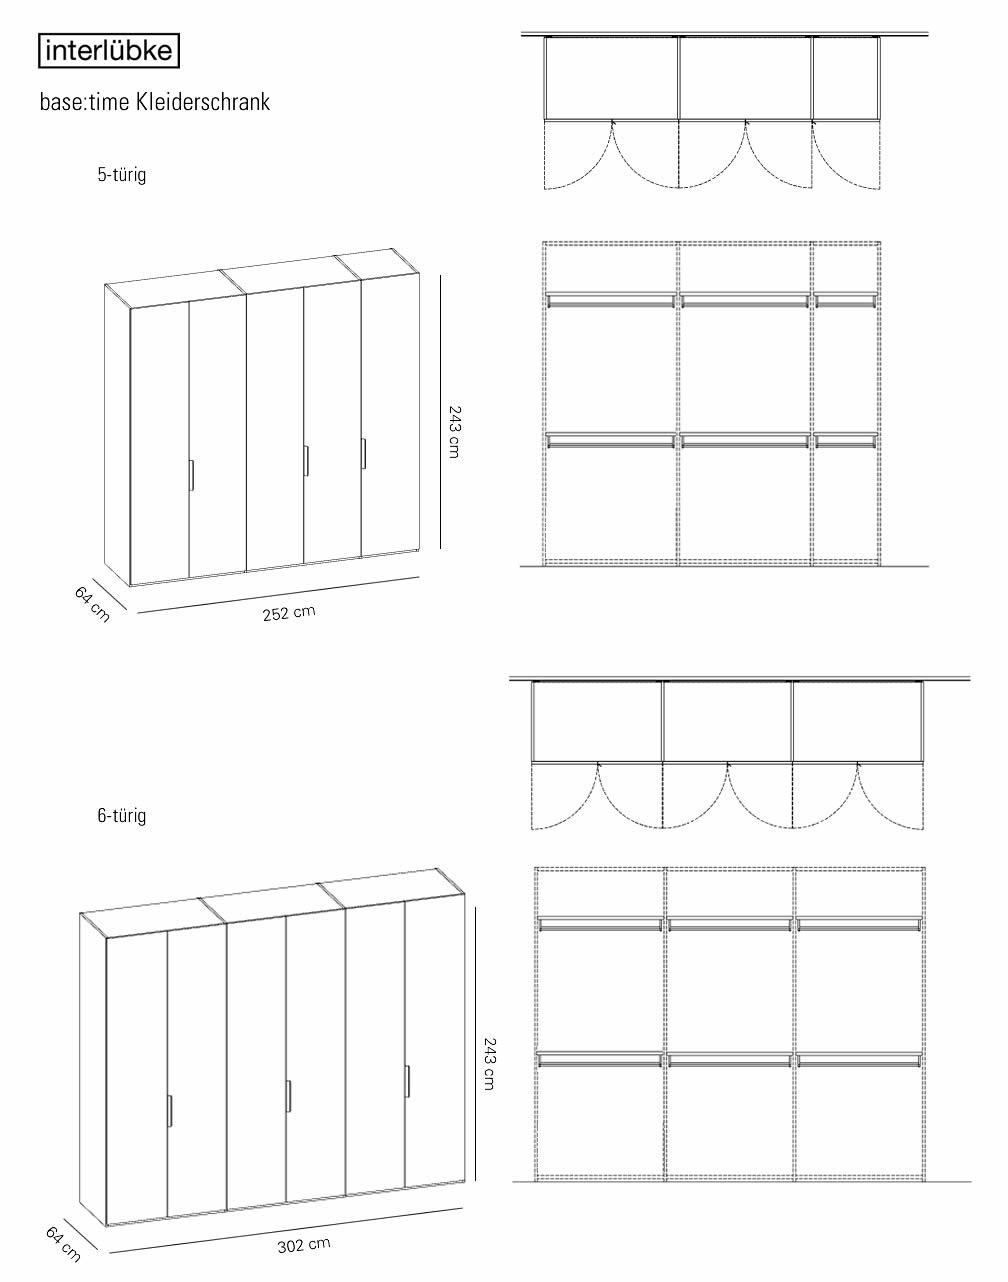 interluebke-kleiderschrank-base-abmessungen_1